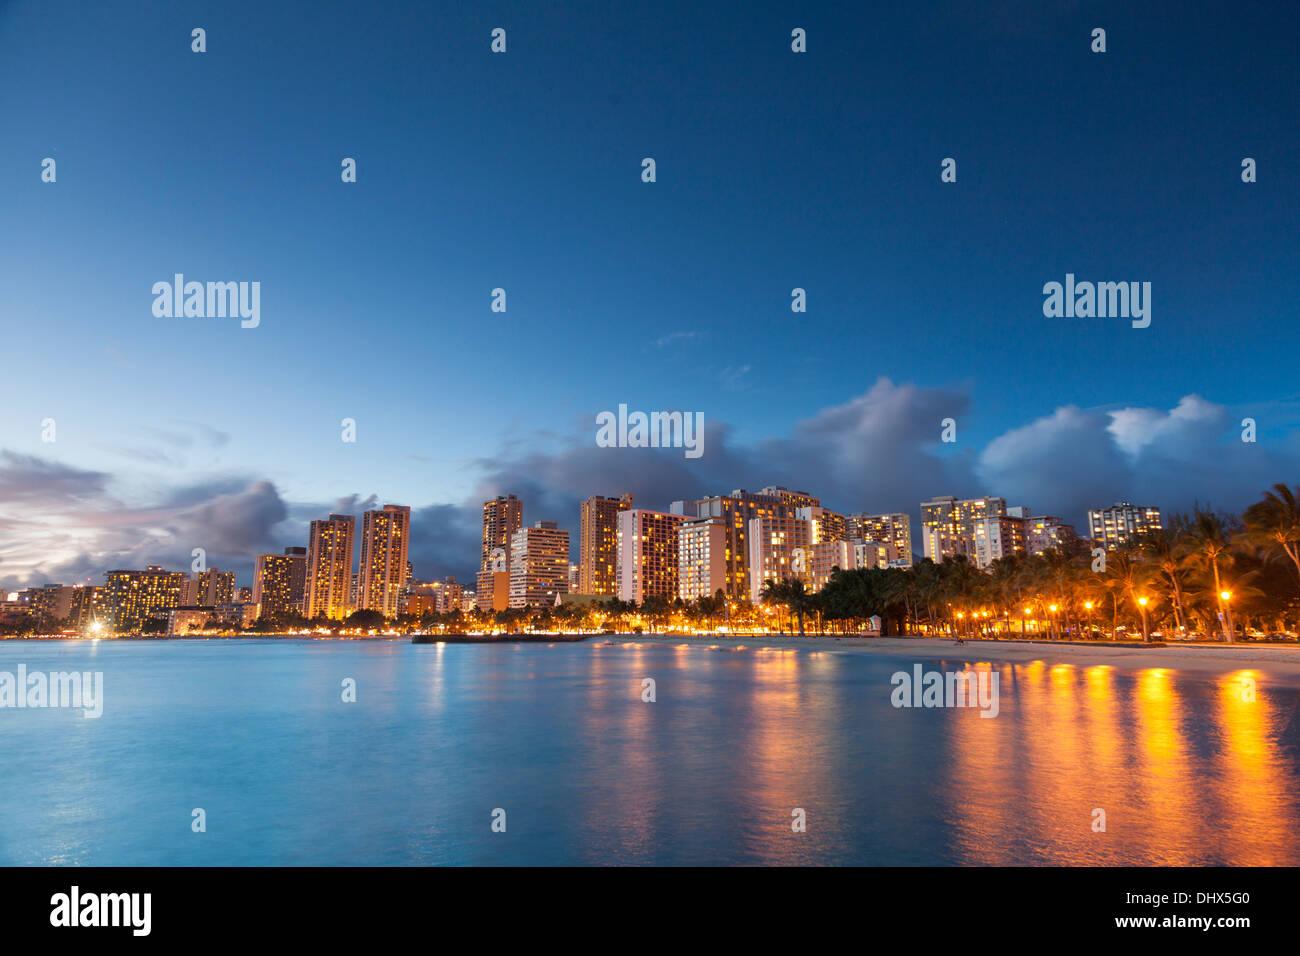 USA, Hawaii, Oahu, Honolulu, Waikiki Beach and Honolulu Skyline - Stock Image